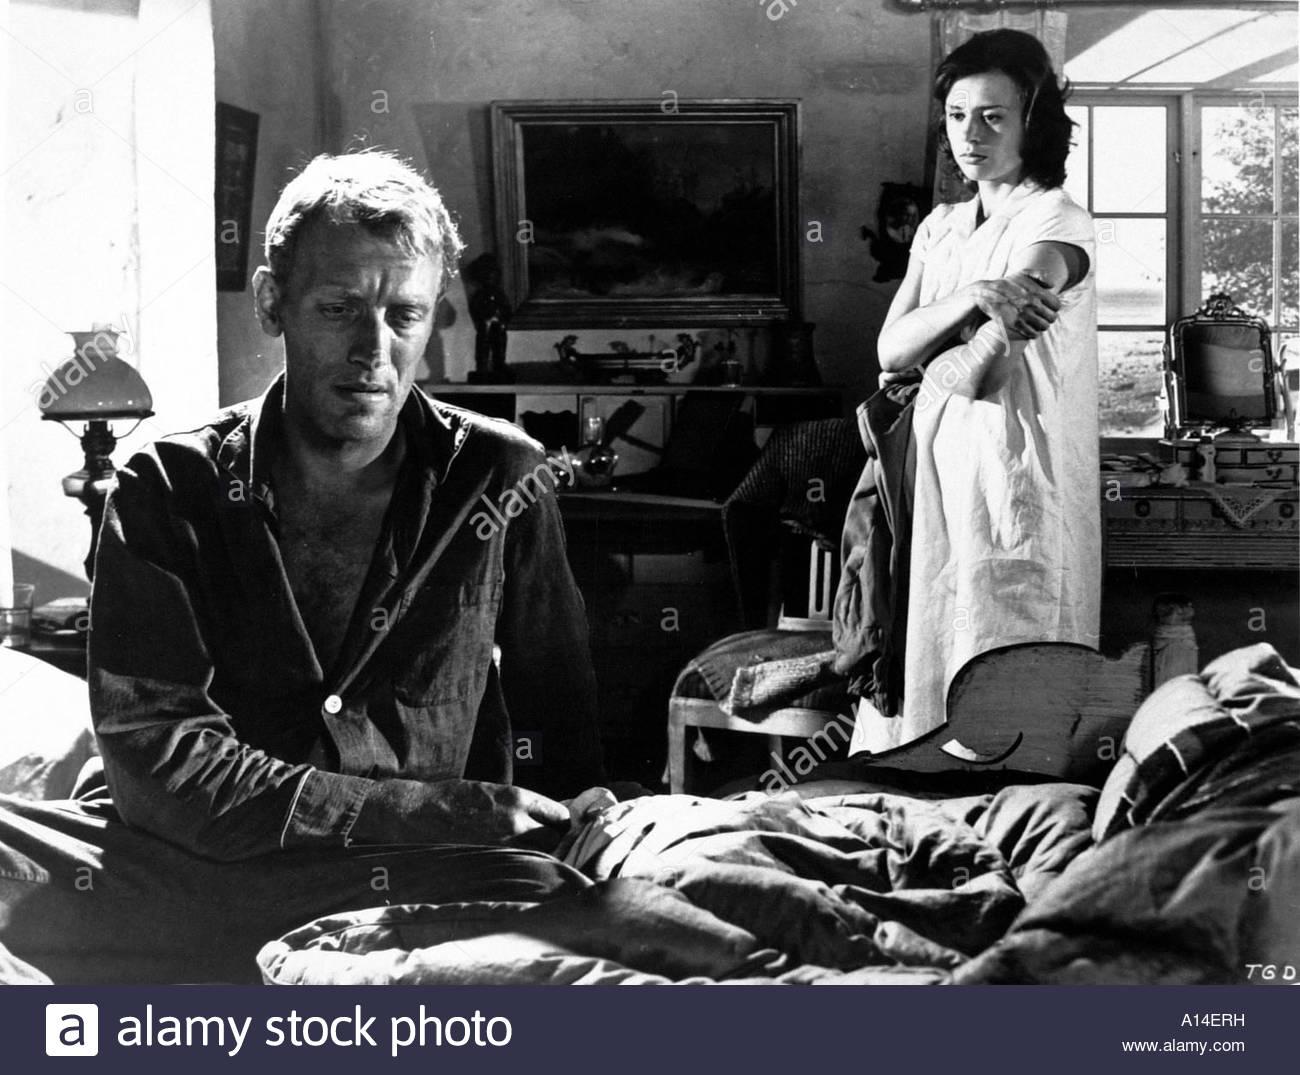 Sasom I En Spegel Year 1961 Director Ingmar Bergman Harriet Andersson Max von Sydow Stock Photo